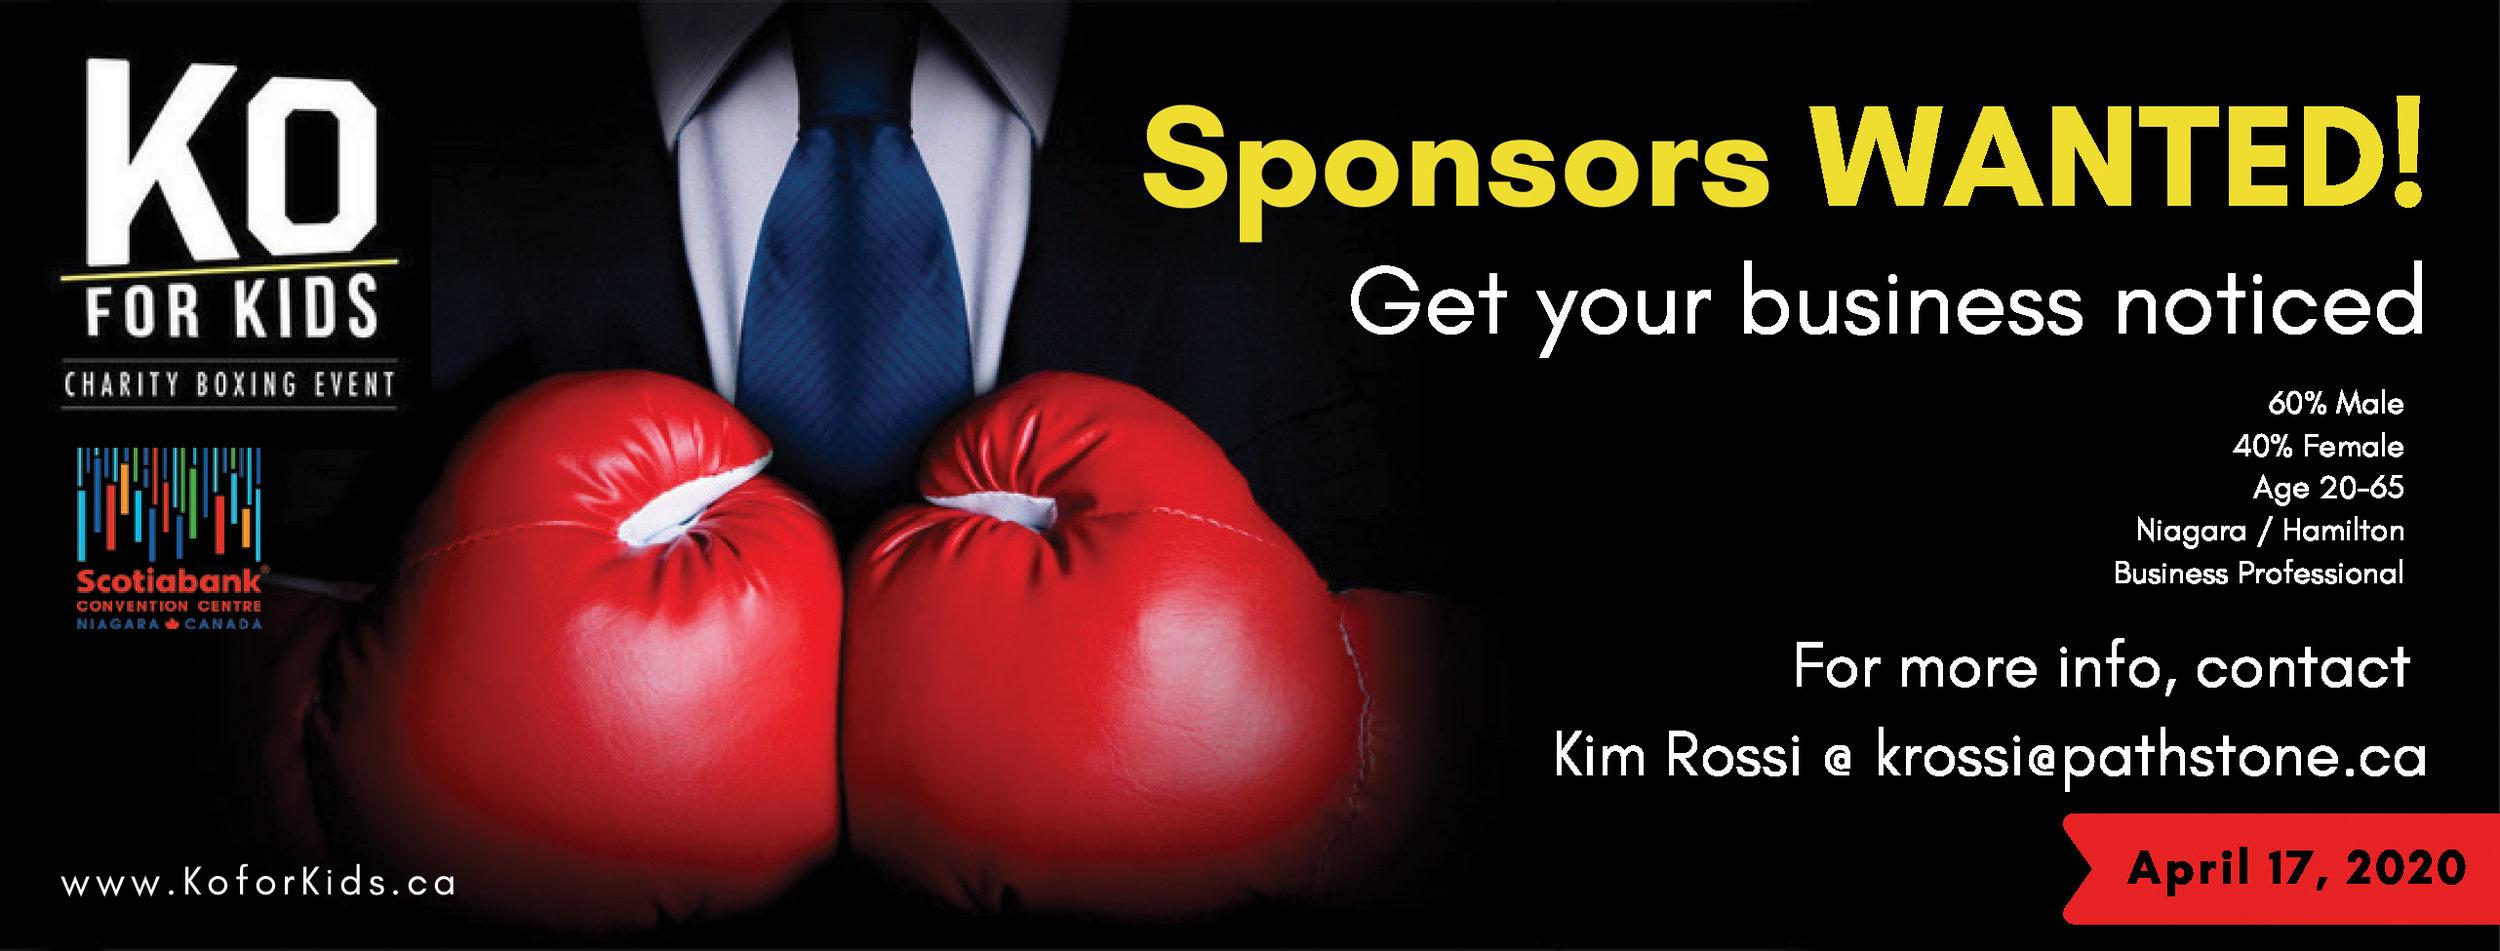 Sponsors Wanted2.jpg